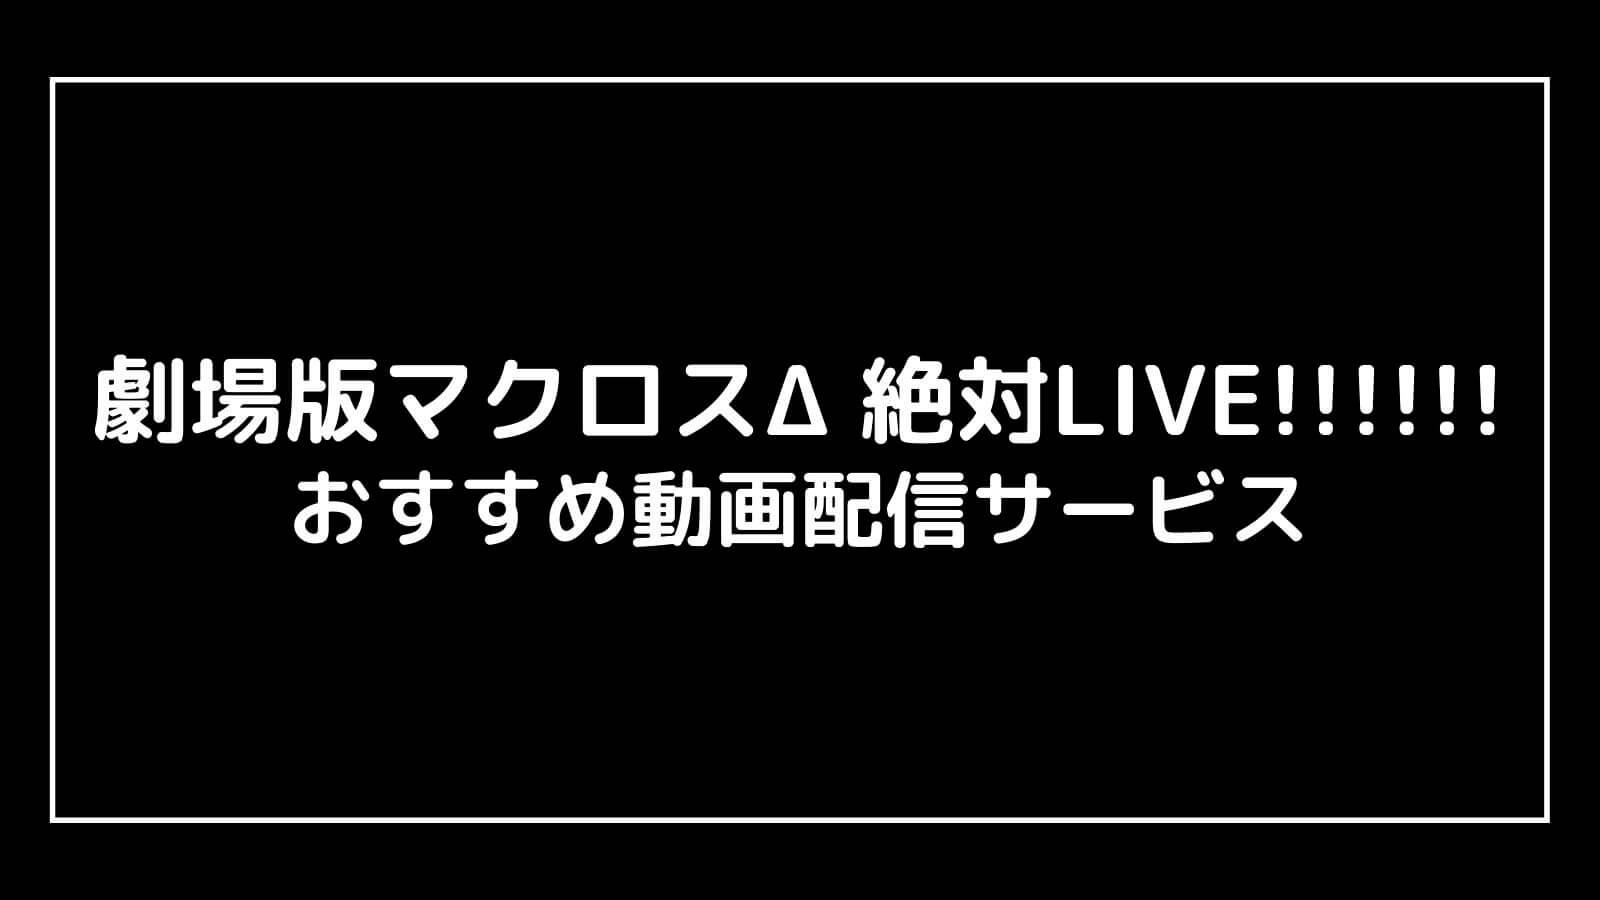 映画『劇場版マクロスΔ 絶対LIVE!!!!!!』の動画配信を無料視聴できるサブスク一覧【劇場短編マクロスF 時の迷宮】